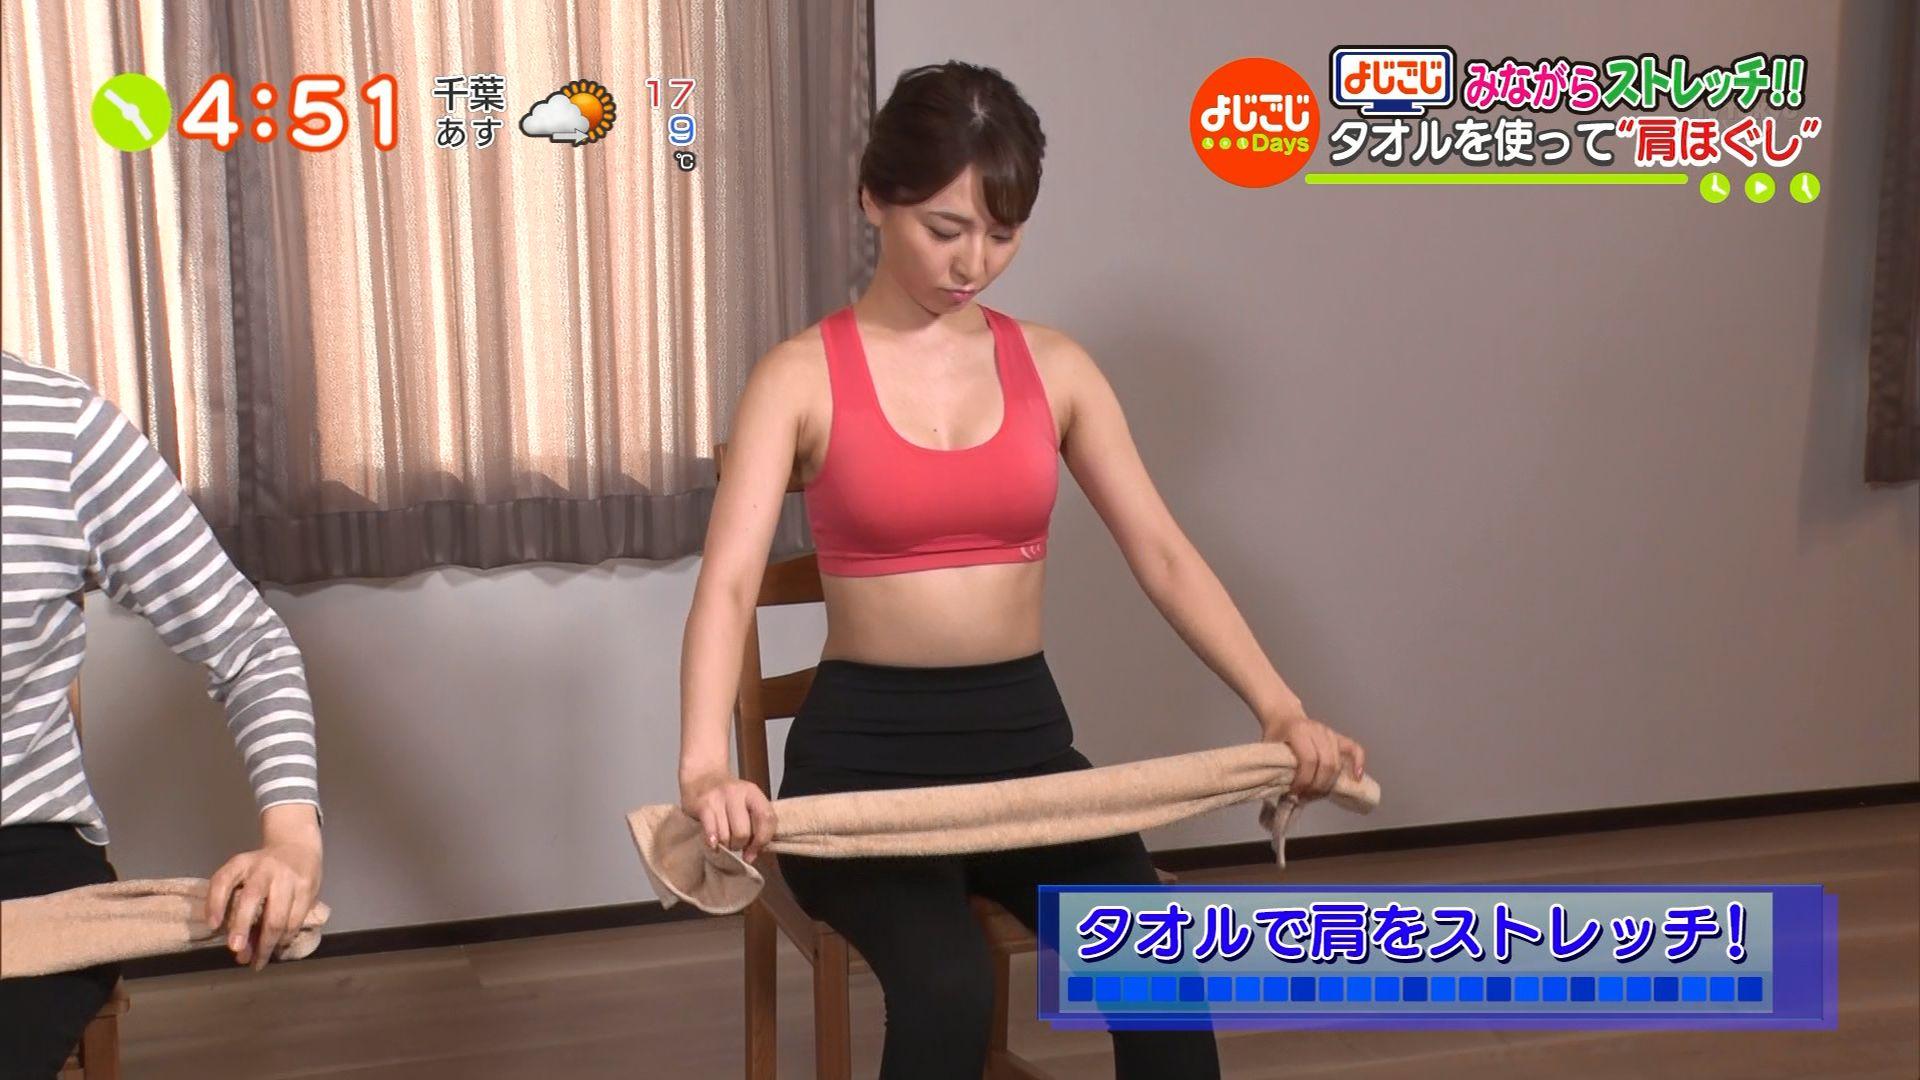 よじごじdaysのながらストレッチ!!テレビキャプチャー画像-004